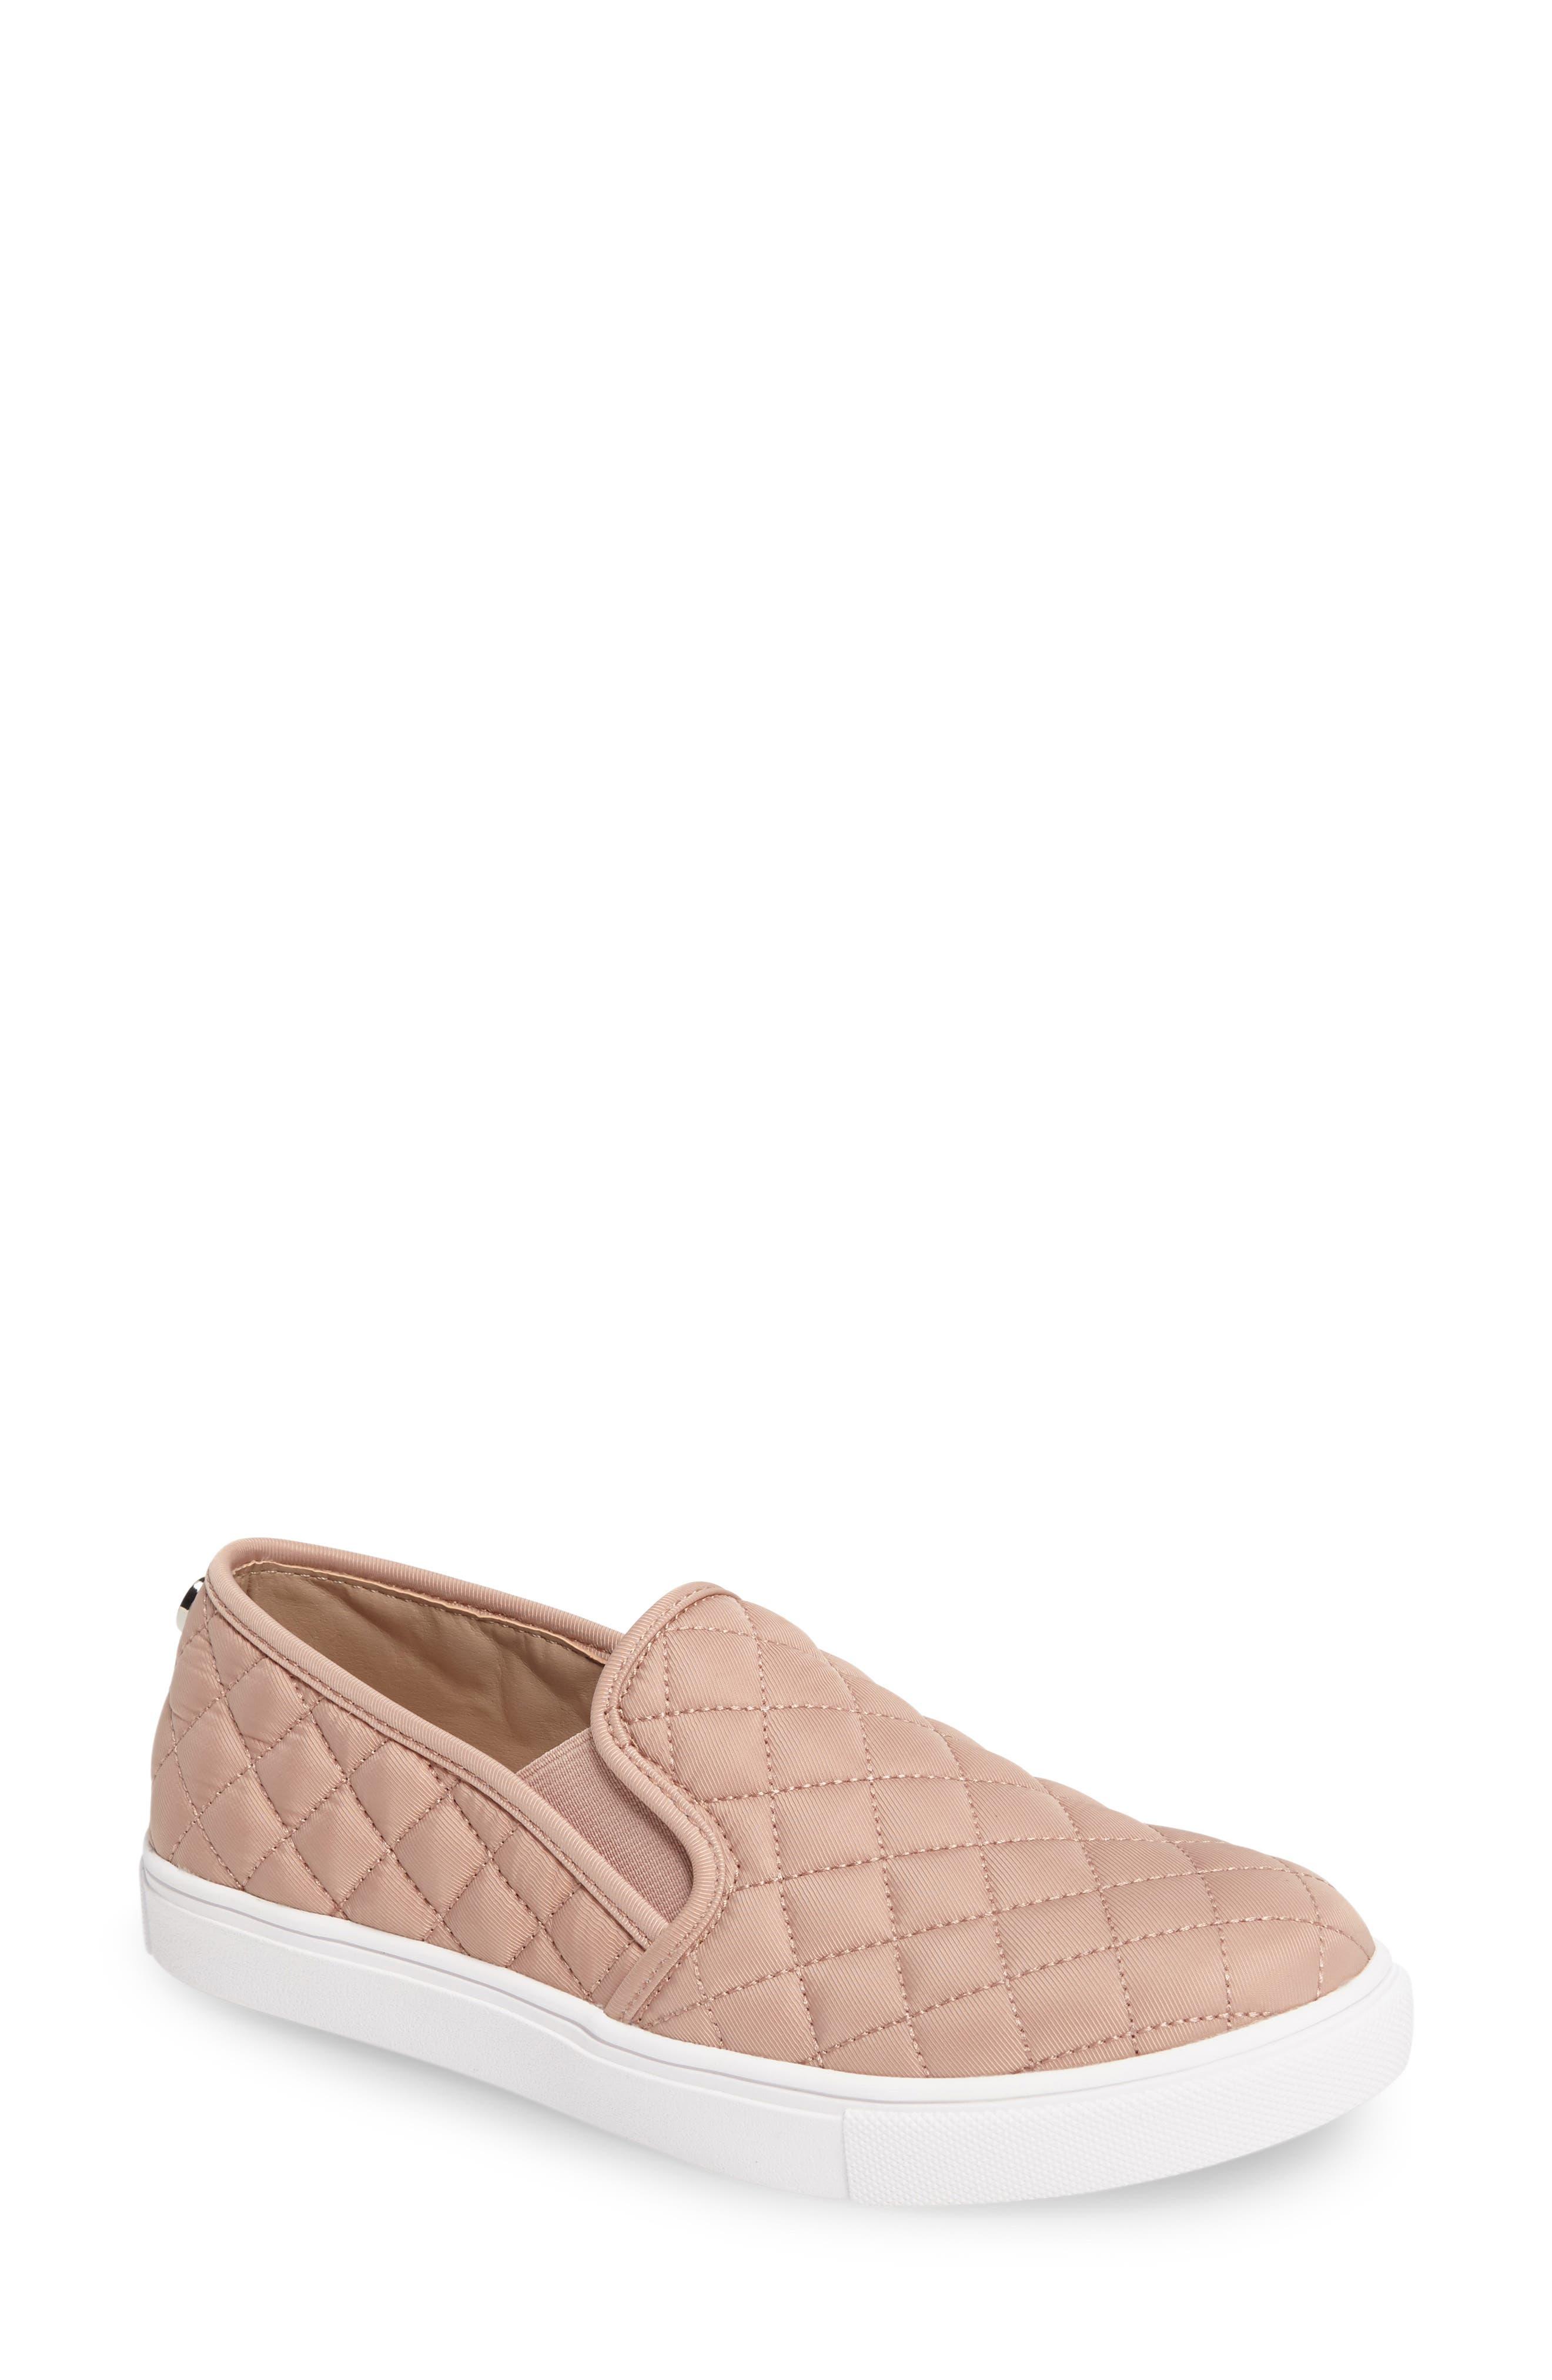 60940bfc1ba Steve Madden Women s Shoes